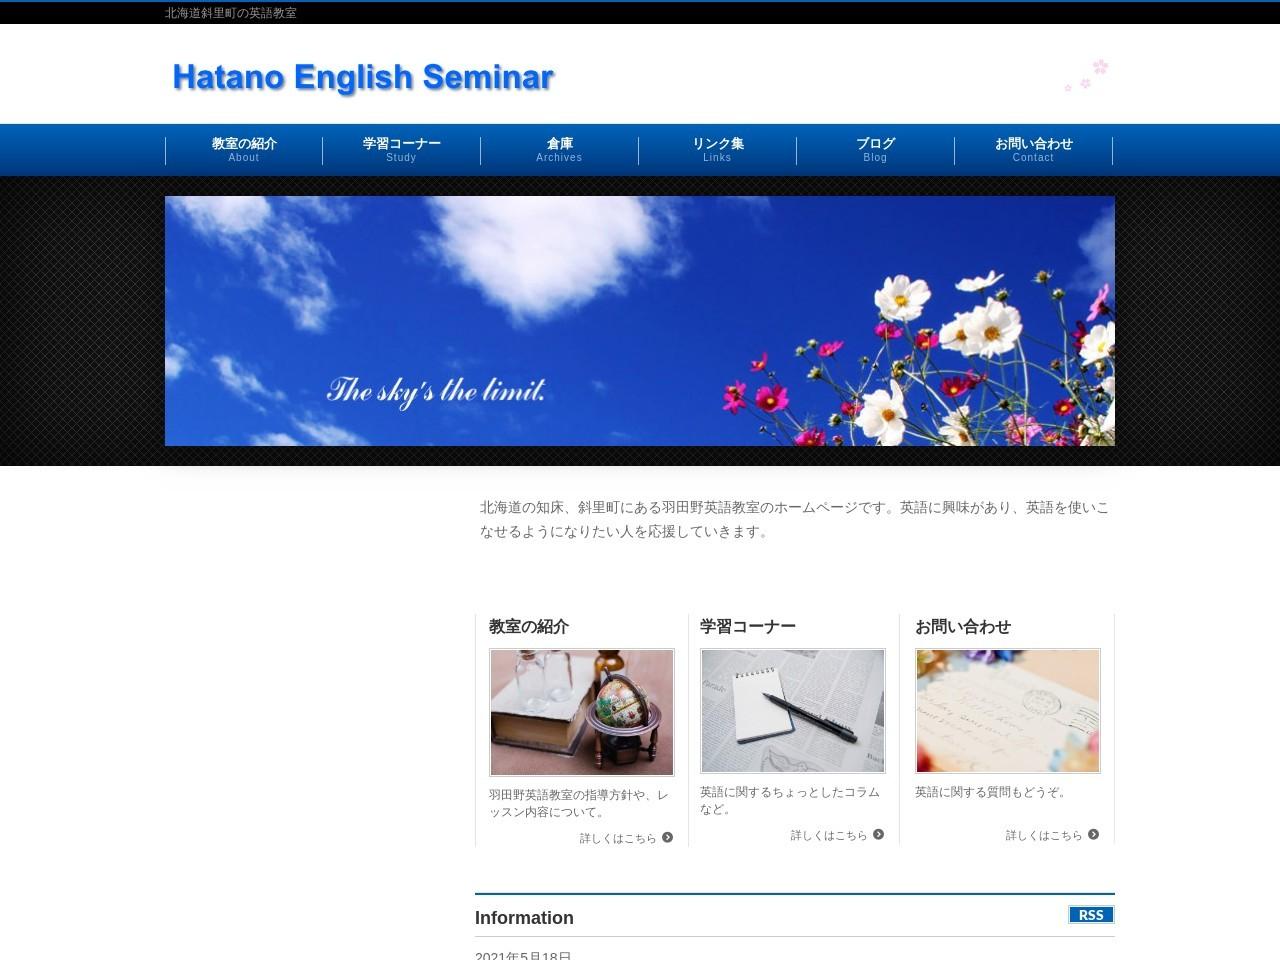 羽田野英語教室